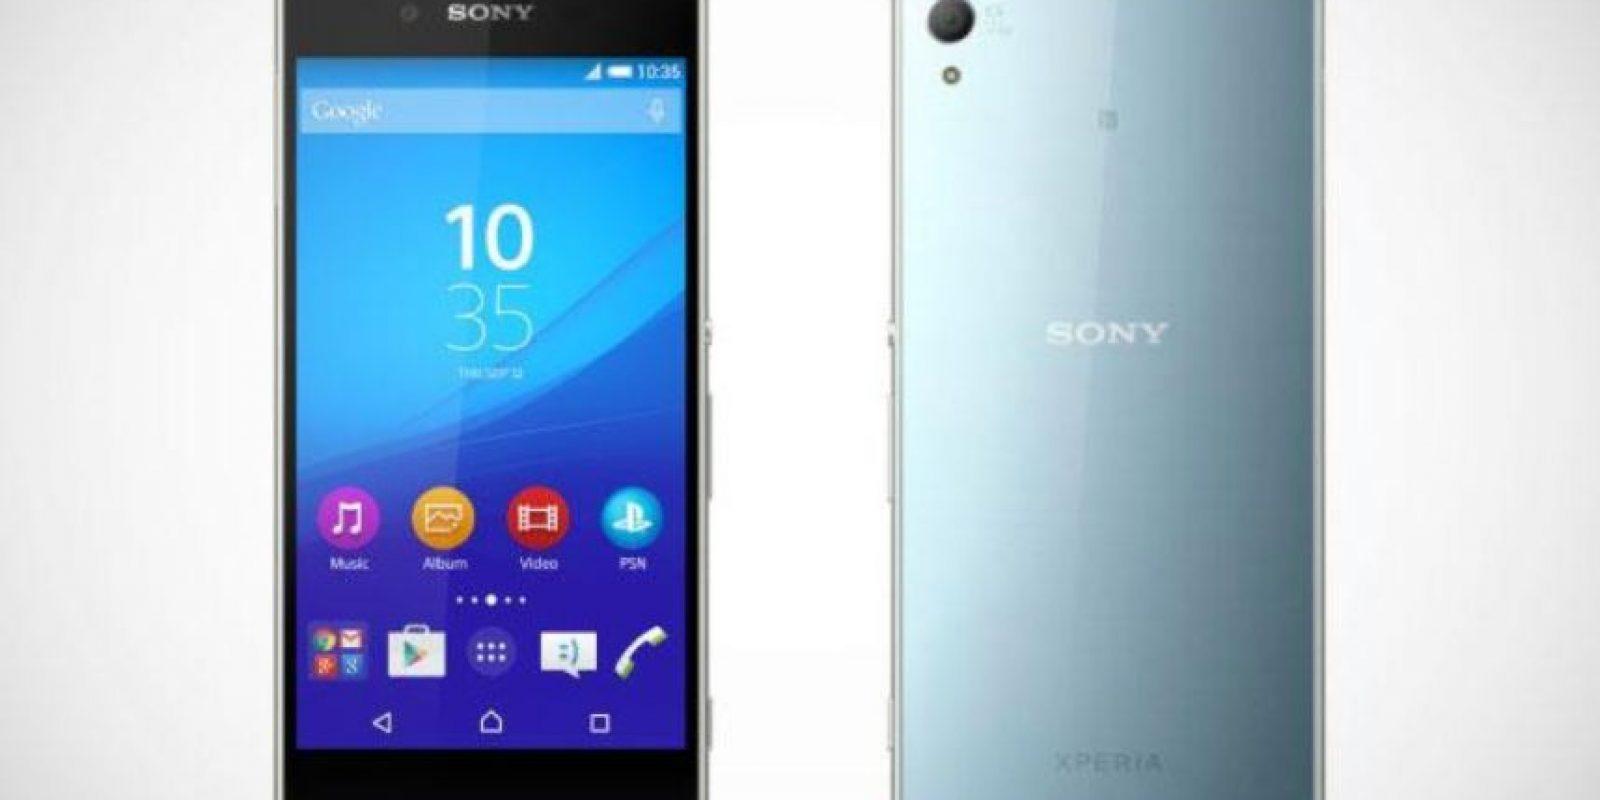 El precio del Sony Xperia Z4 no ha sido dado a conocer. Foto:Sony